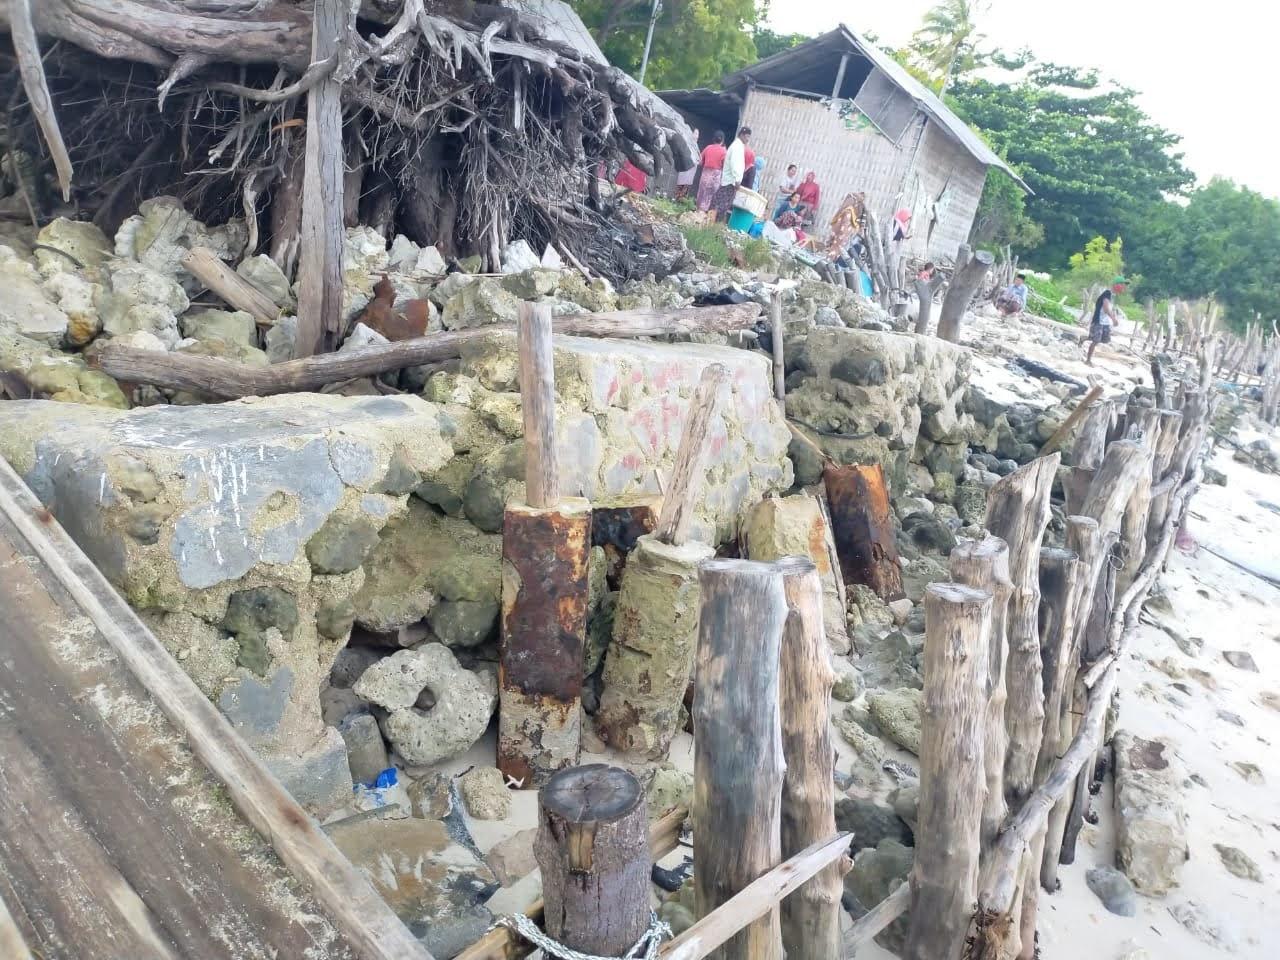 Keindahan Pinggir Pantai di Sepanjang Polo Talango Aeng Brakas Ra'as Luluh Lantak Oleh Abrasi Laut